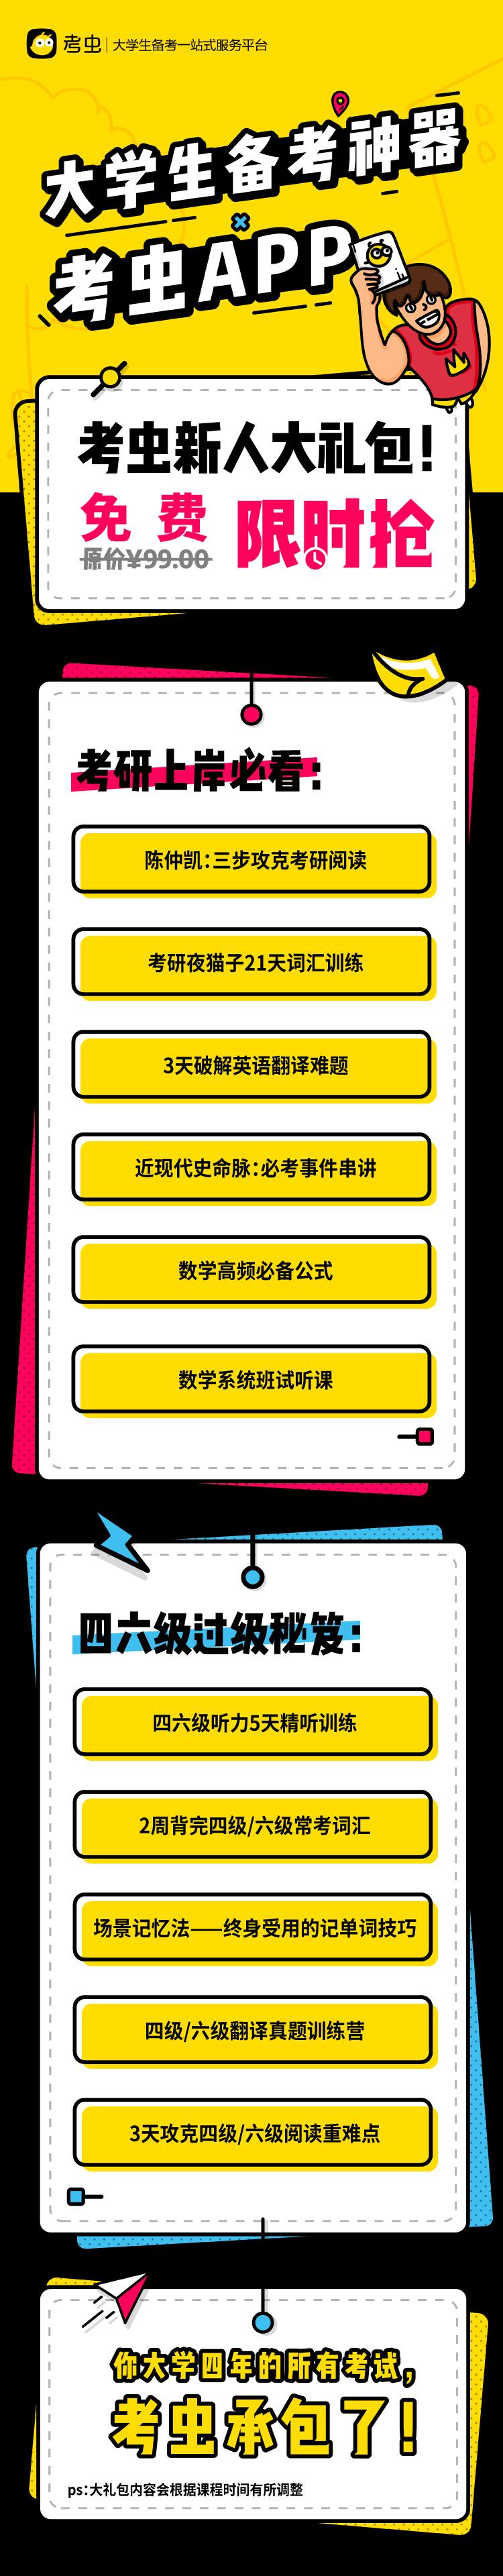 新手大礼包课程详情页图.png